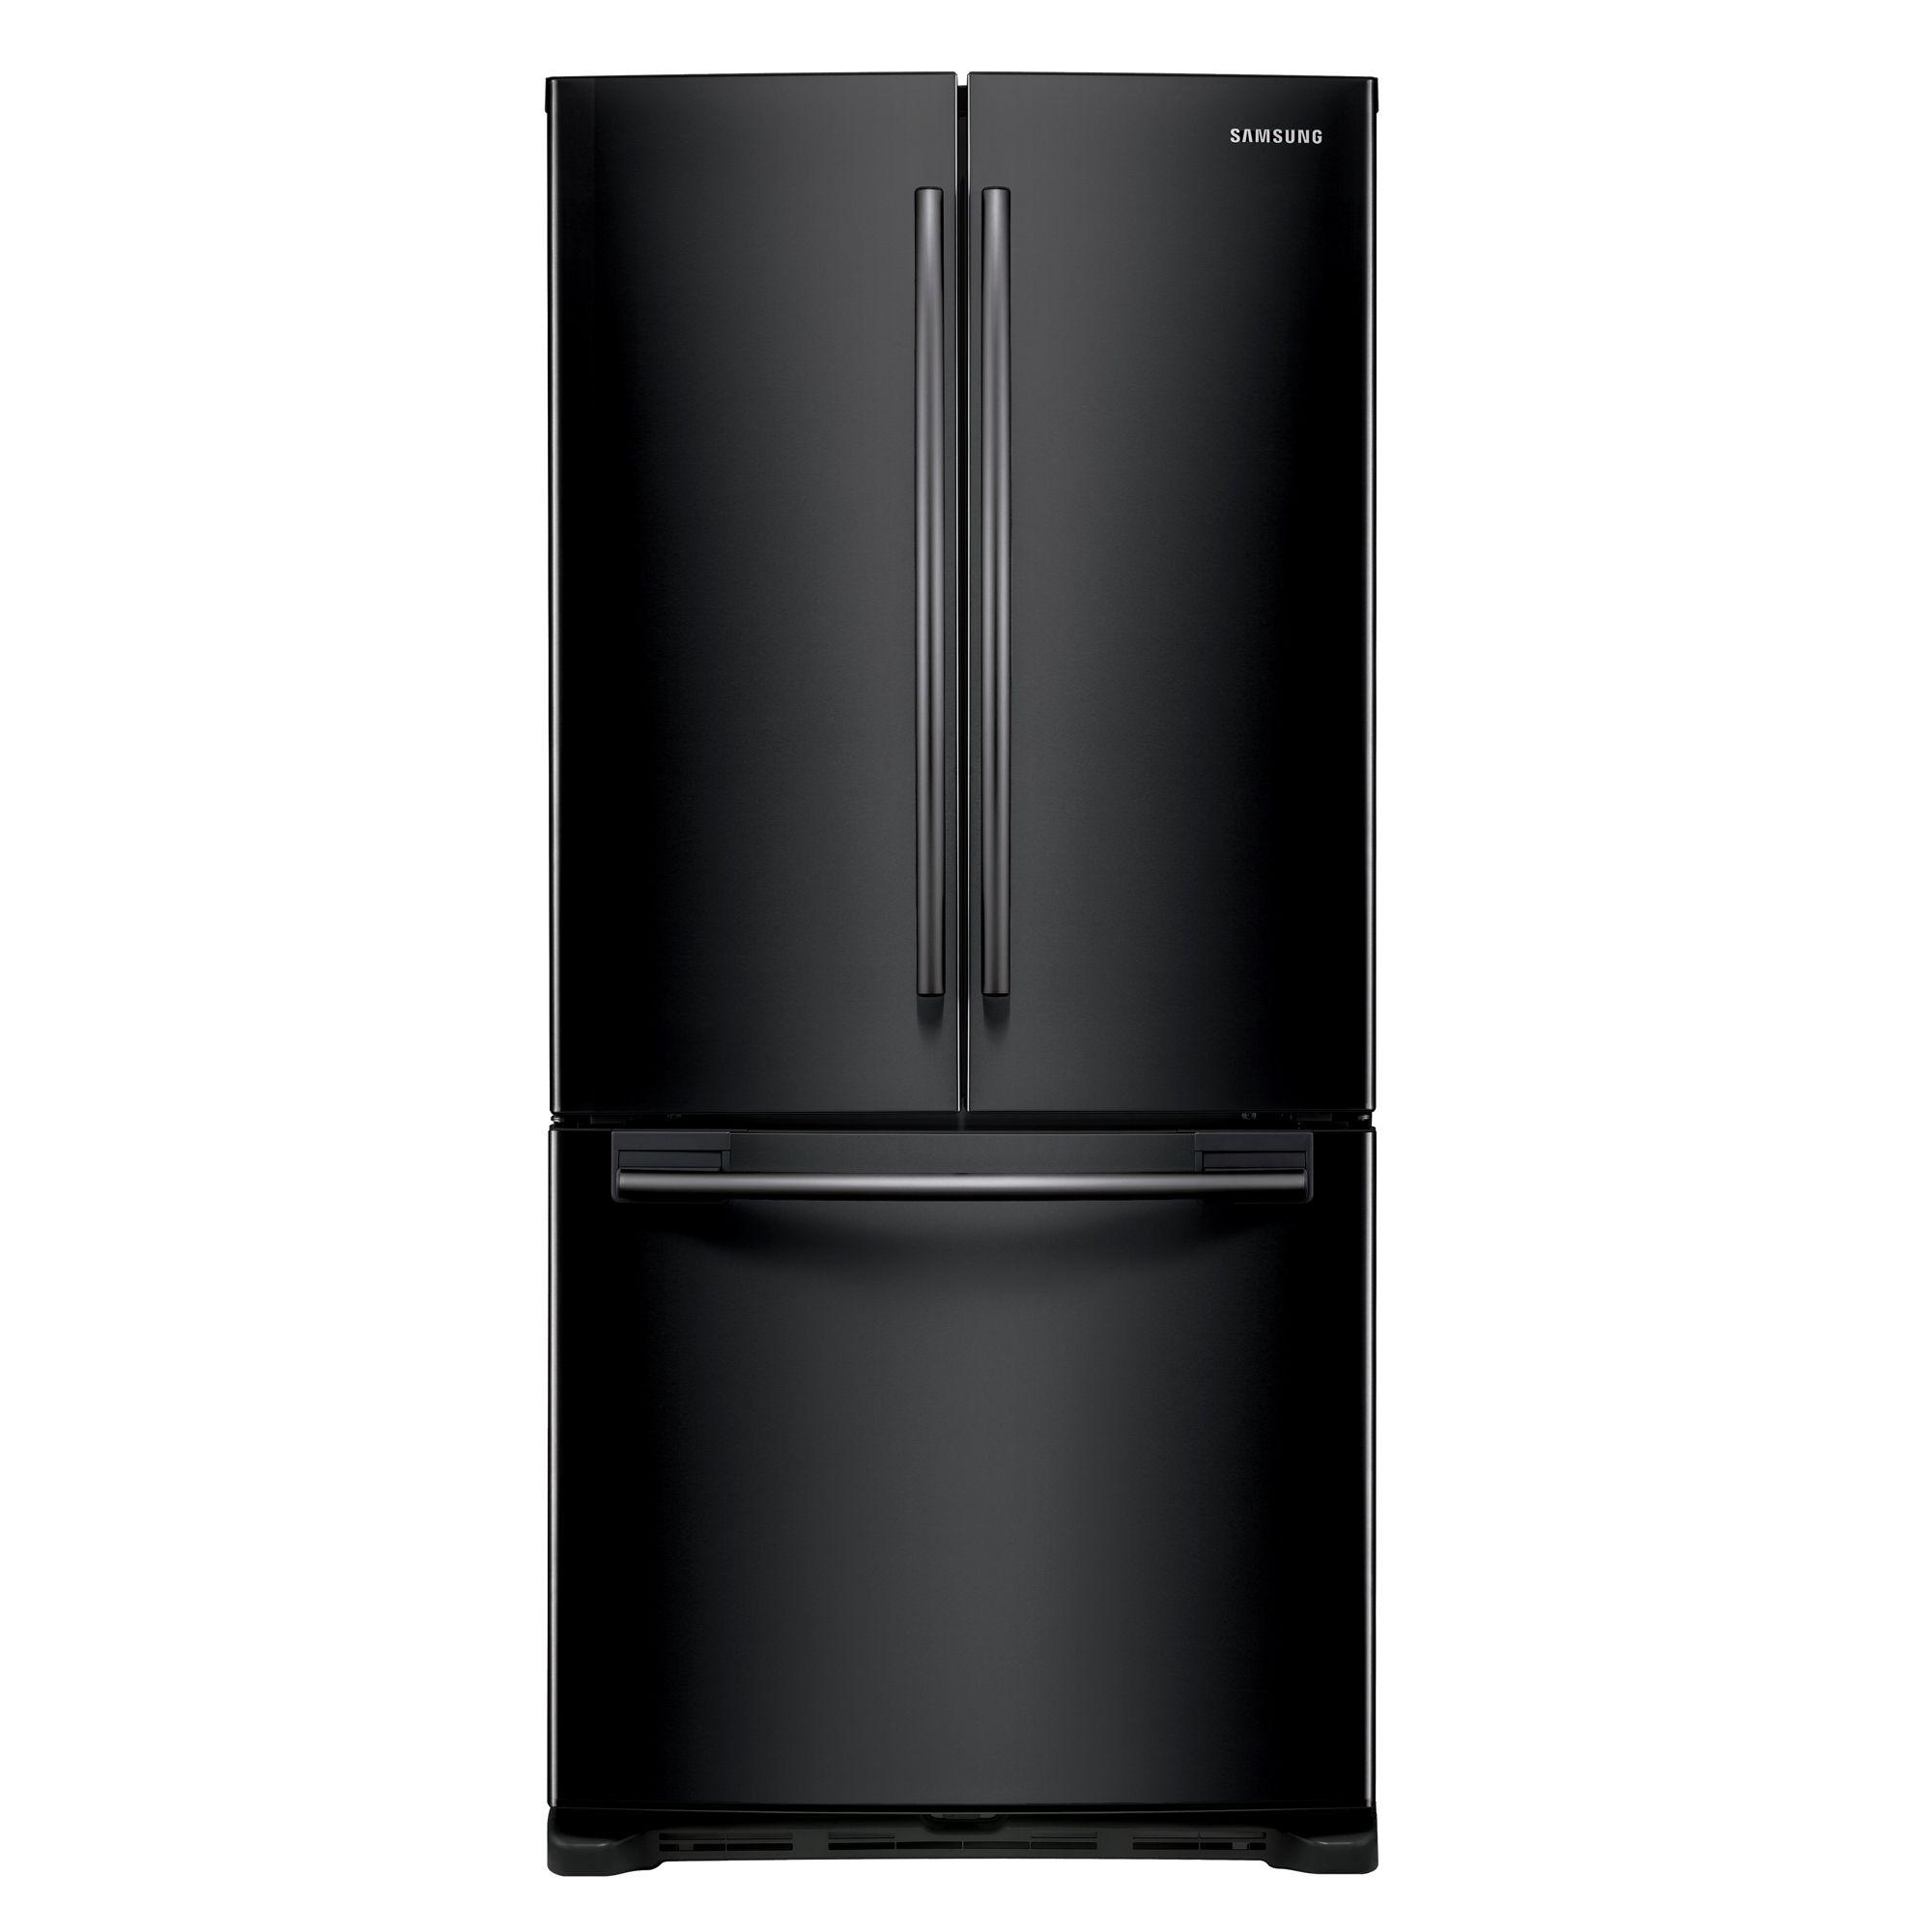 medium resolution of samsung rf217acbp 20 0 cu ft french door bottom freezer samsung rf217acbp problems part diagram for samsung refrigerator rf217acbp